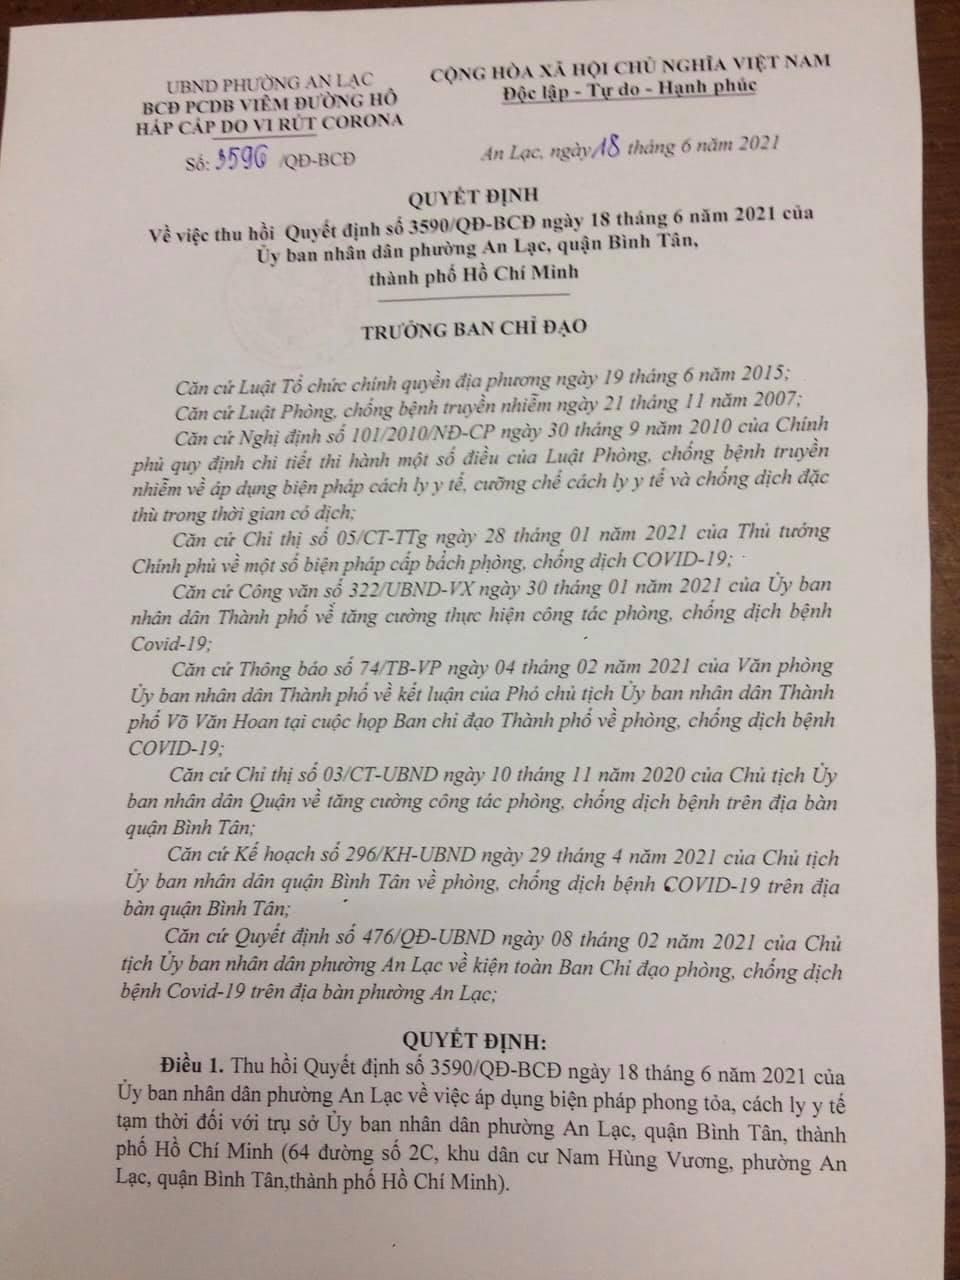 Quyết định thu hồi Quyết định phong tỏa của UBND phường An Lạc.